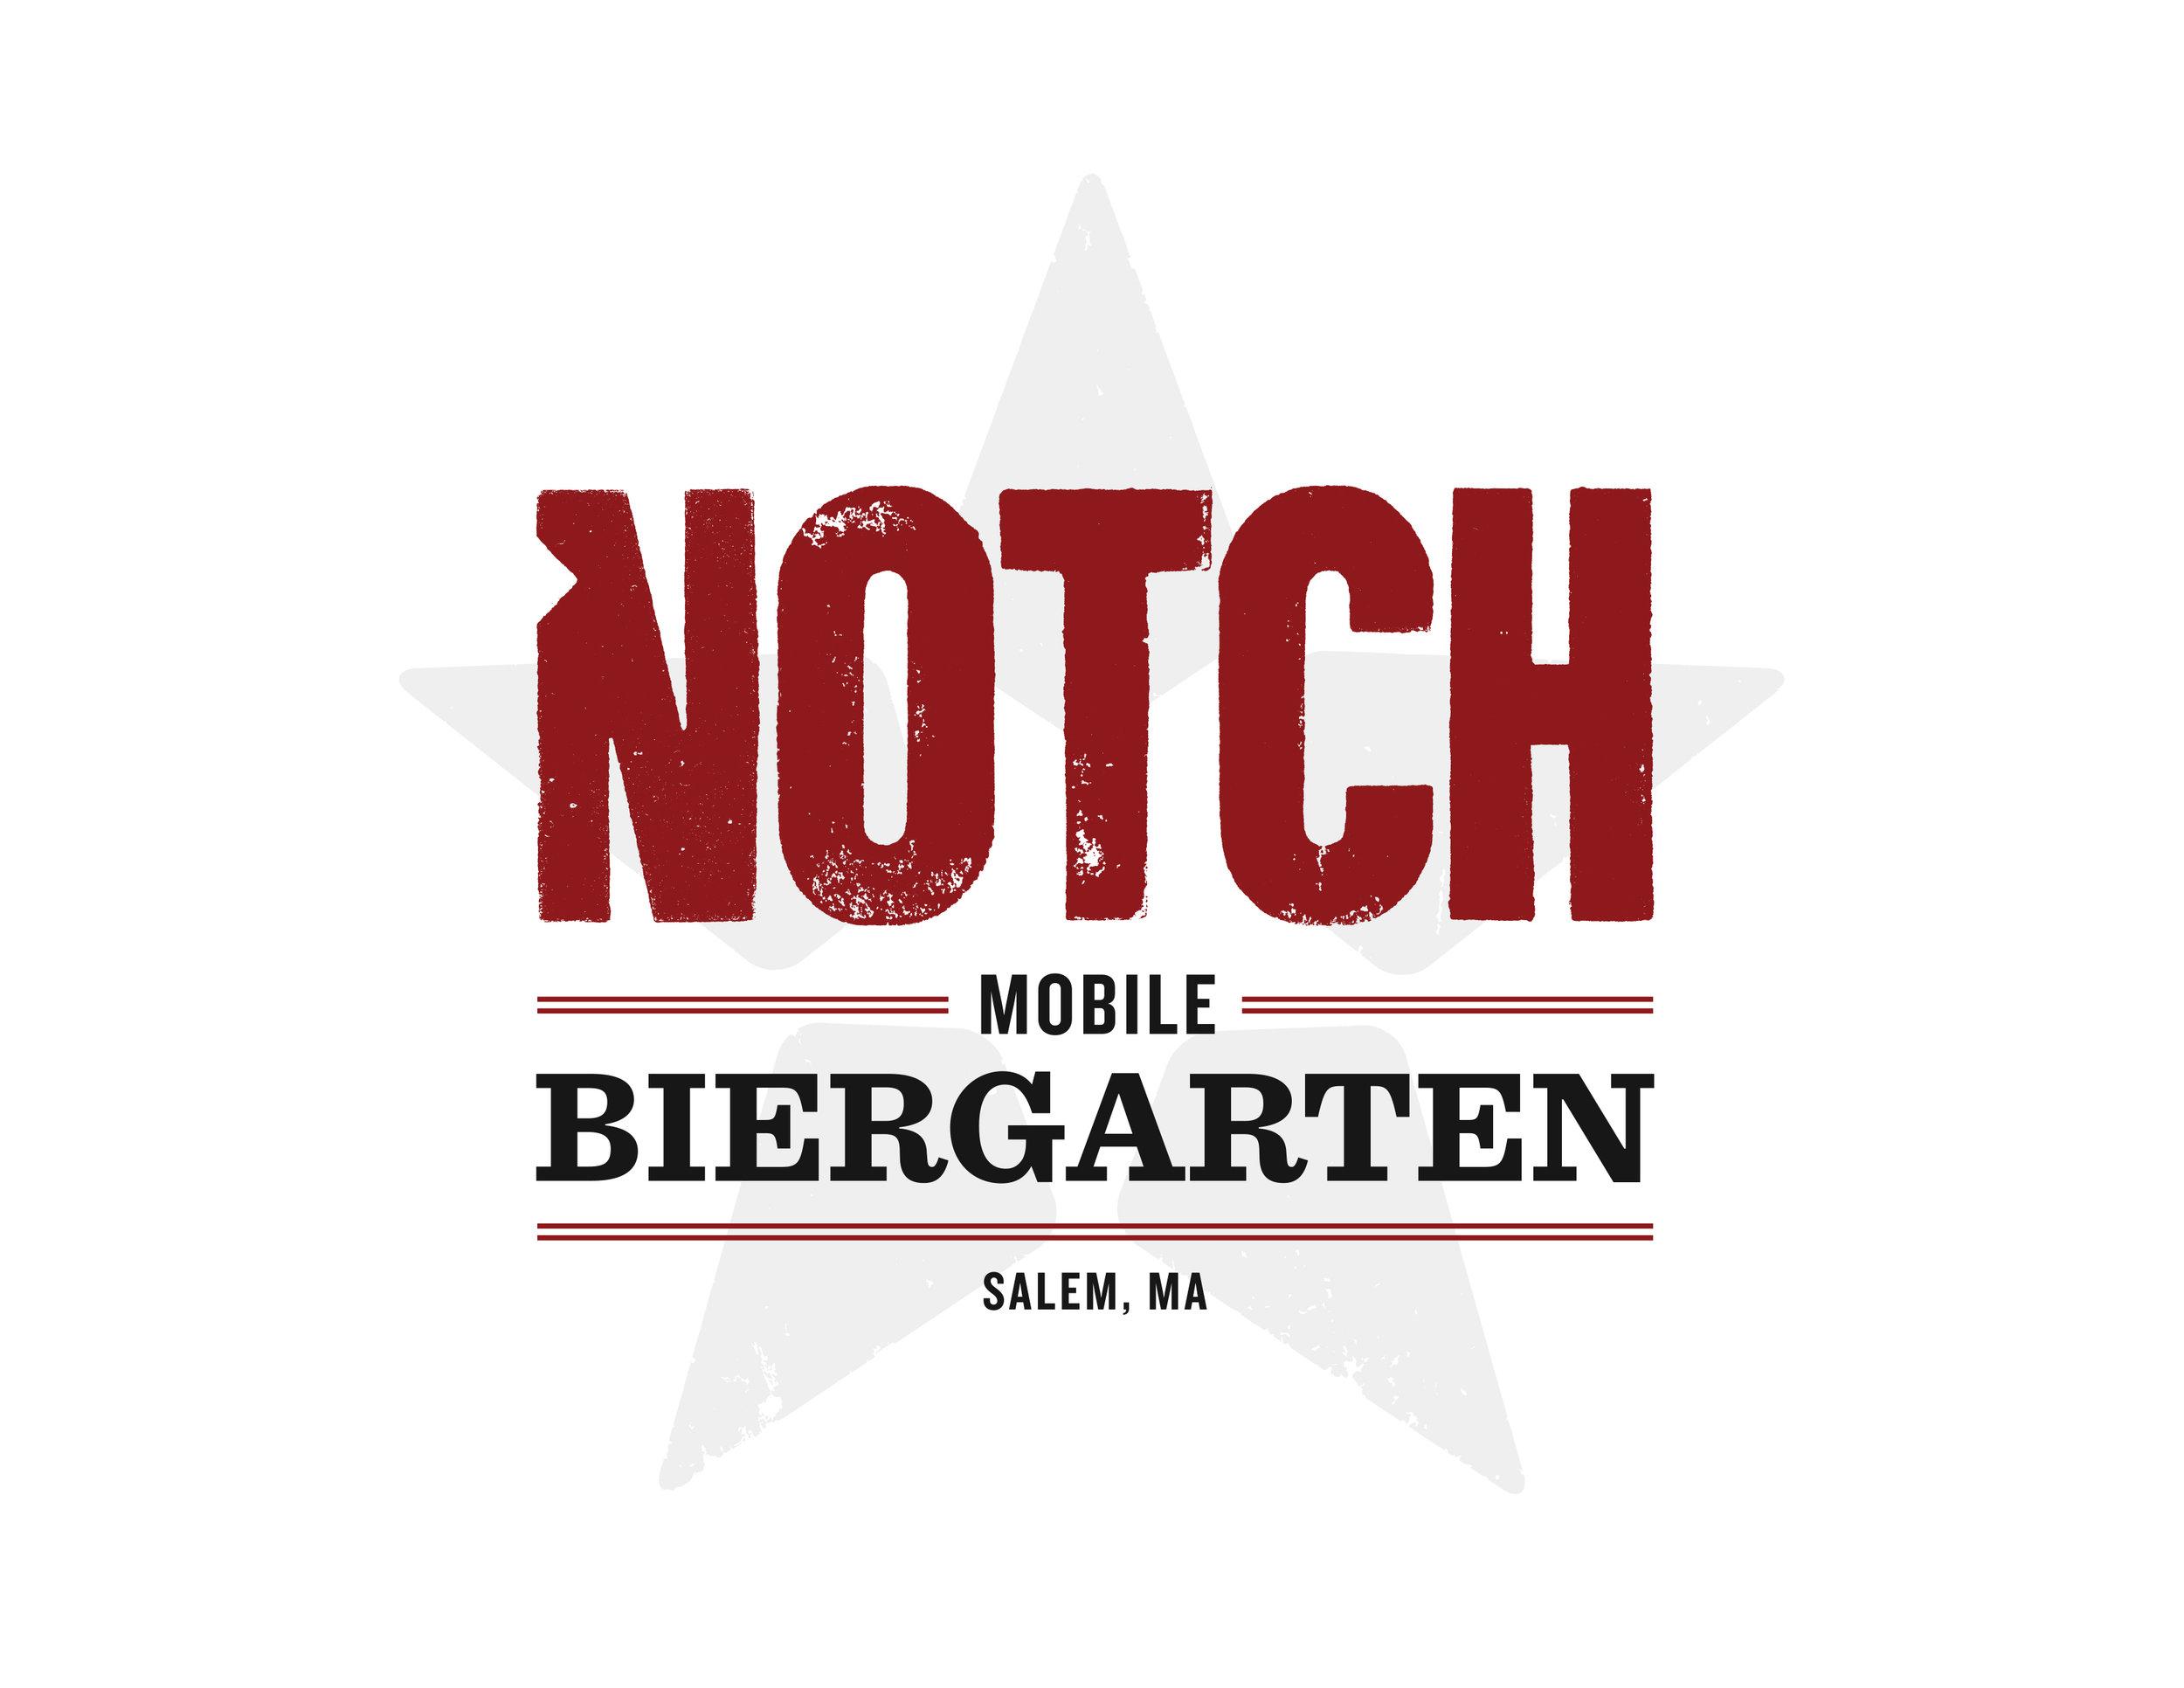 NOTCH-MOBILE-BIERGARTEN-FINAL-ON-WHITE.jpg